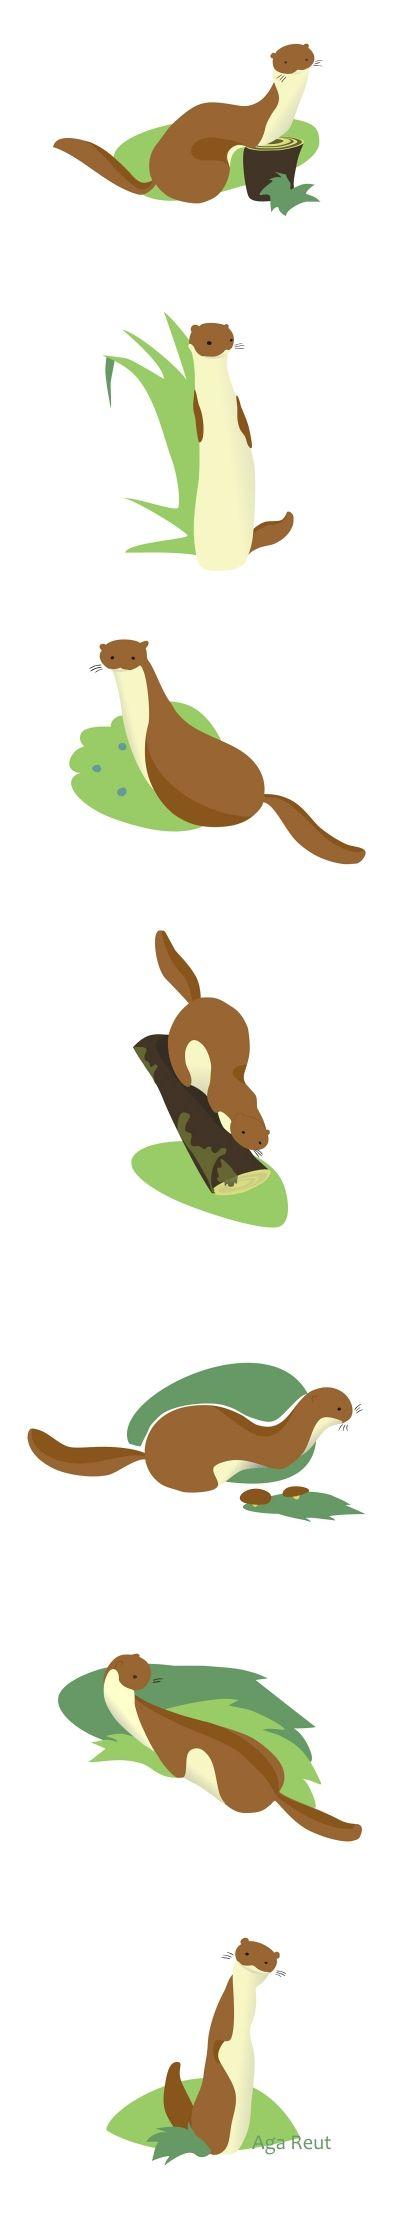 Weasela by AgaReut:  http://agareut.deviantart.com/art/Weasels-351701299?q=gallery%3AAgaReut%2F41692070&qo=0